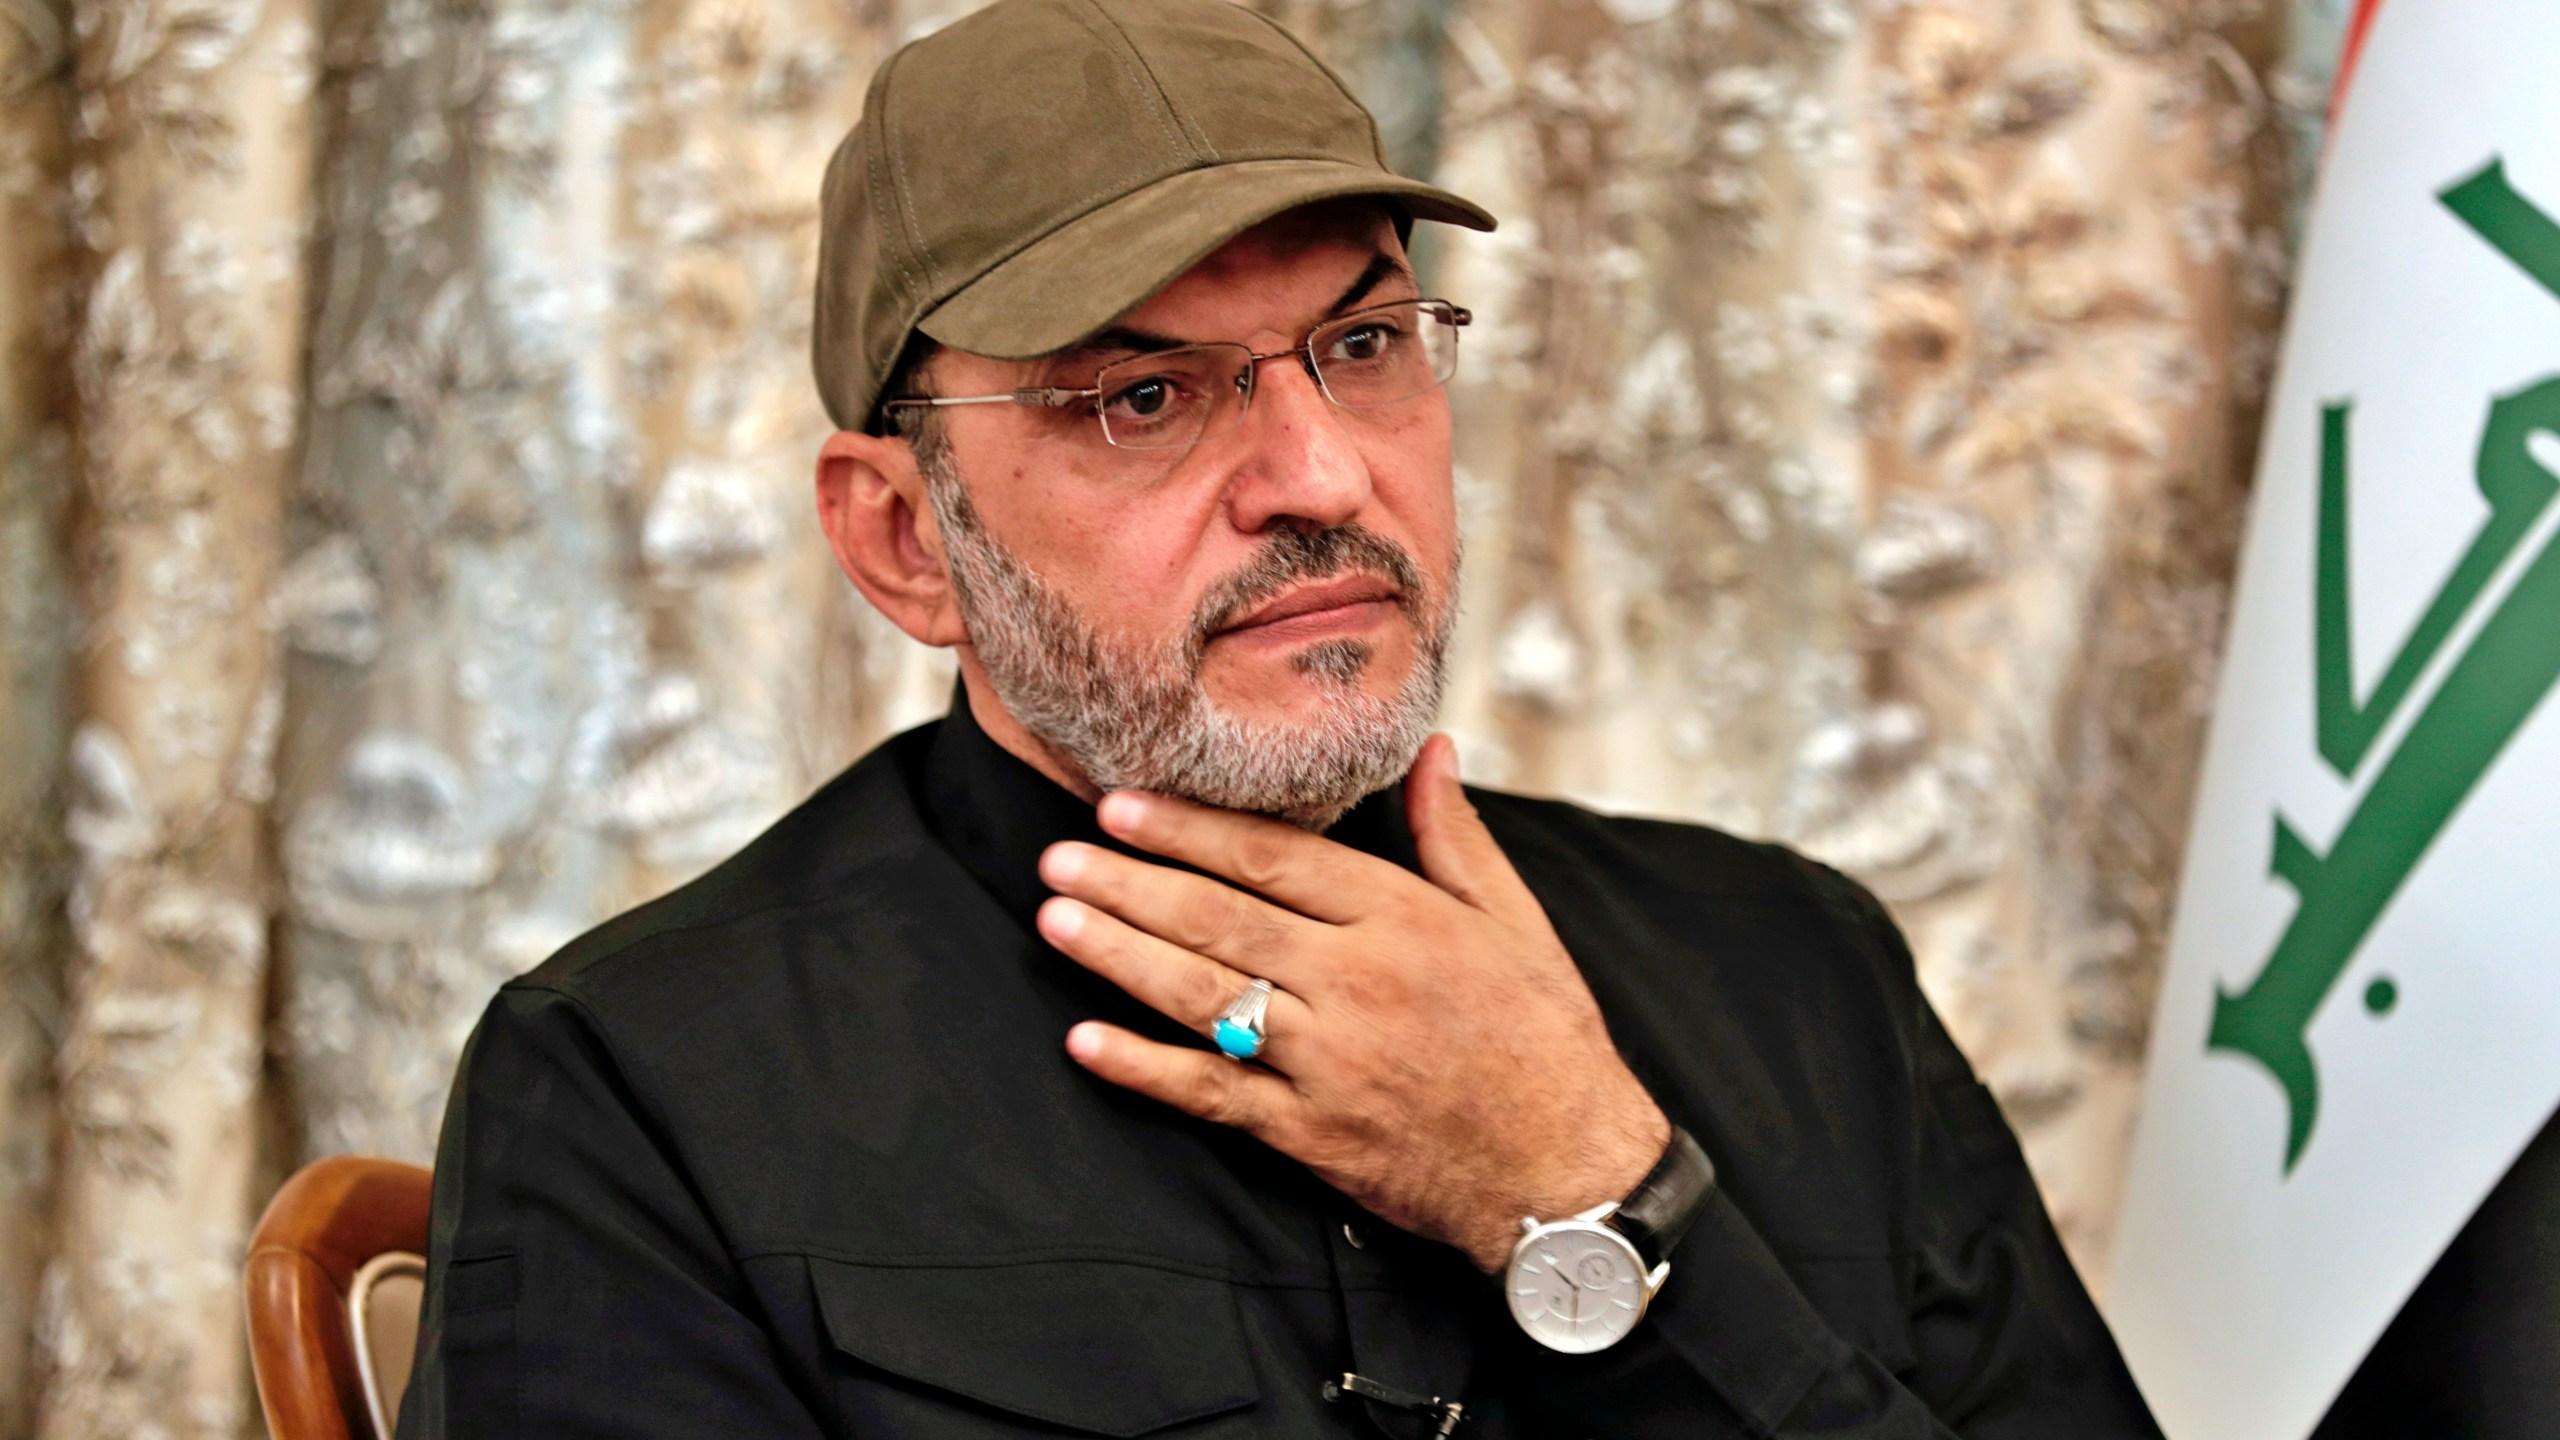 Abu Alaa al-Walae